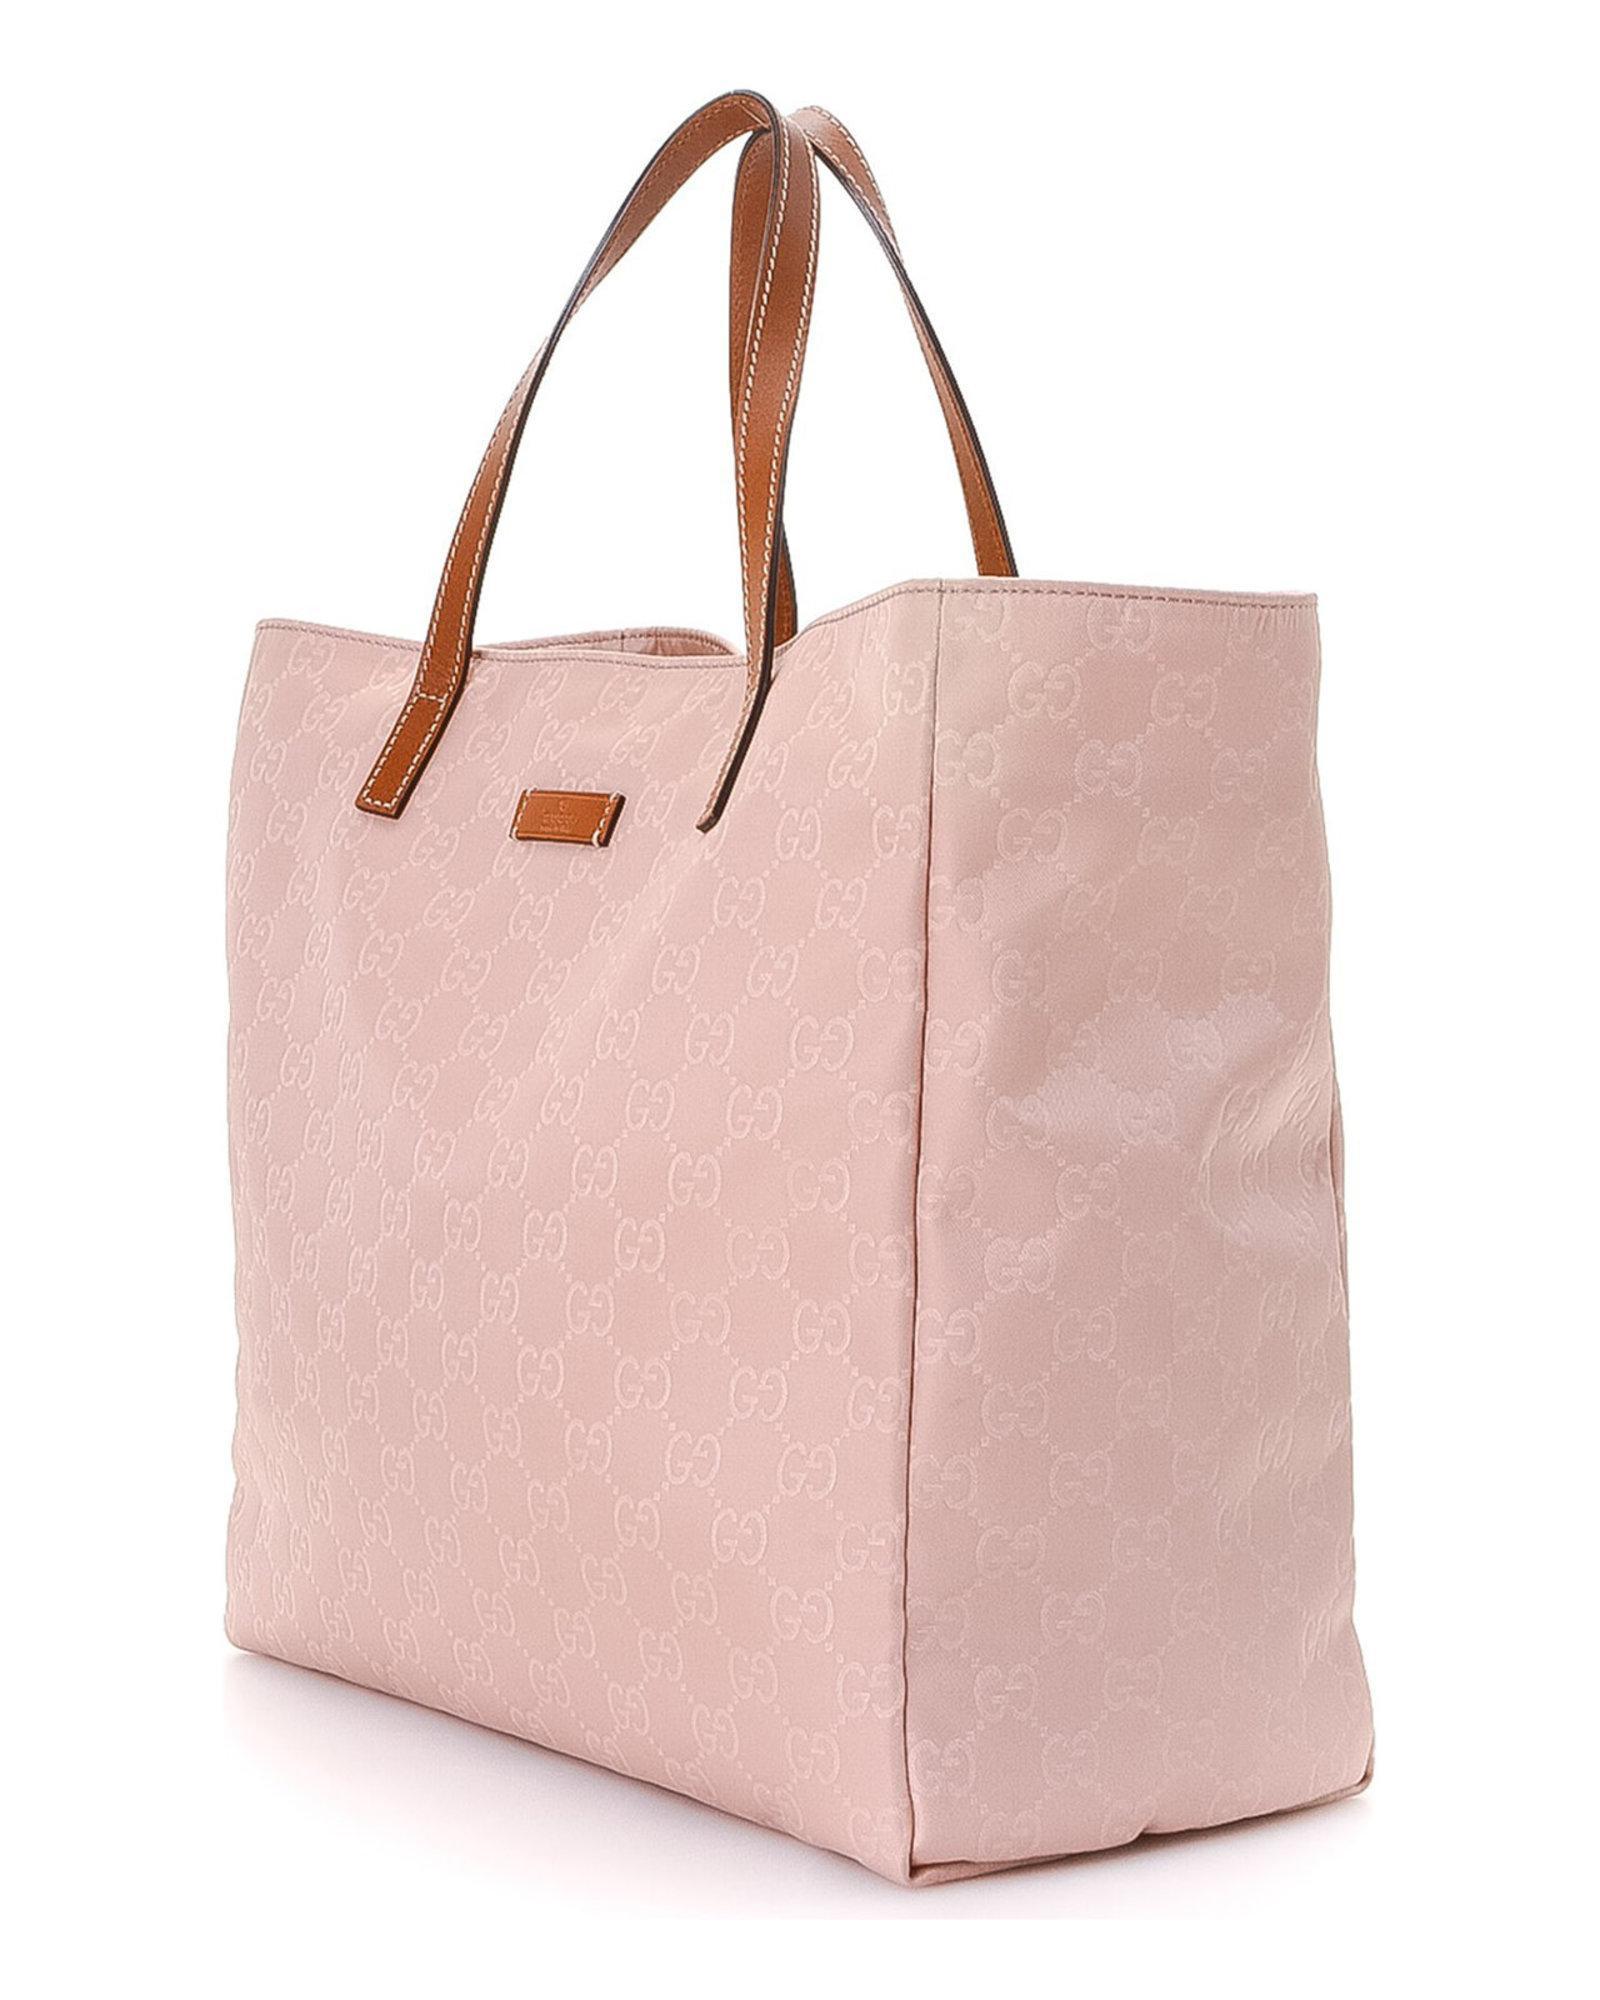 d550e4e6e919 Gucci Tote Bag - Vintage in Pink - Lyst